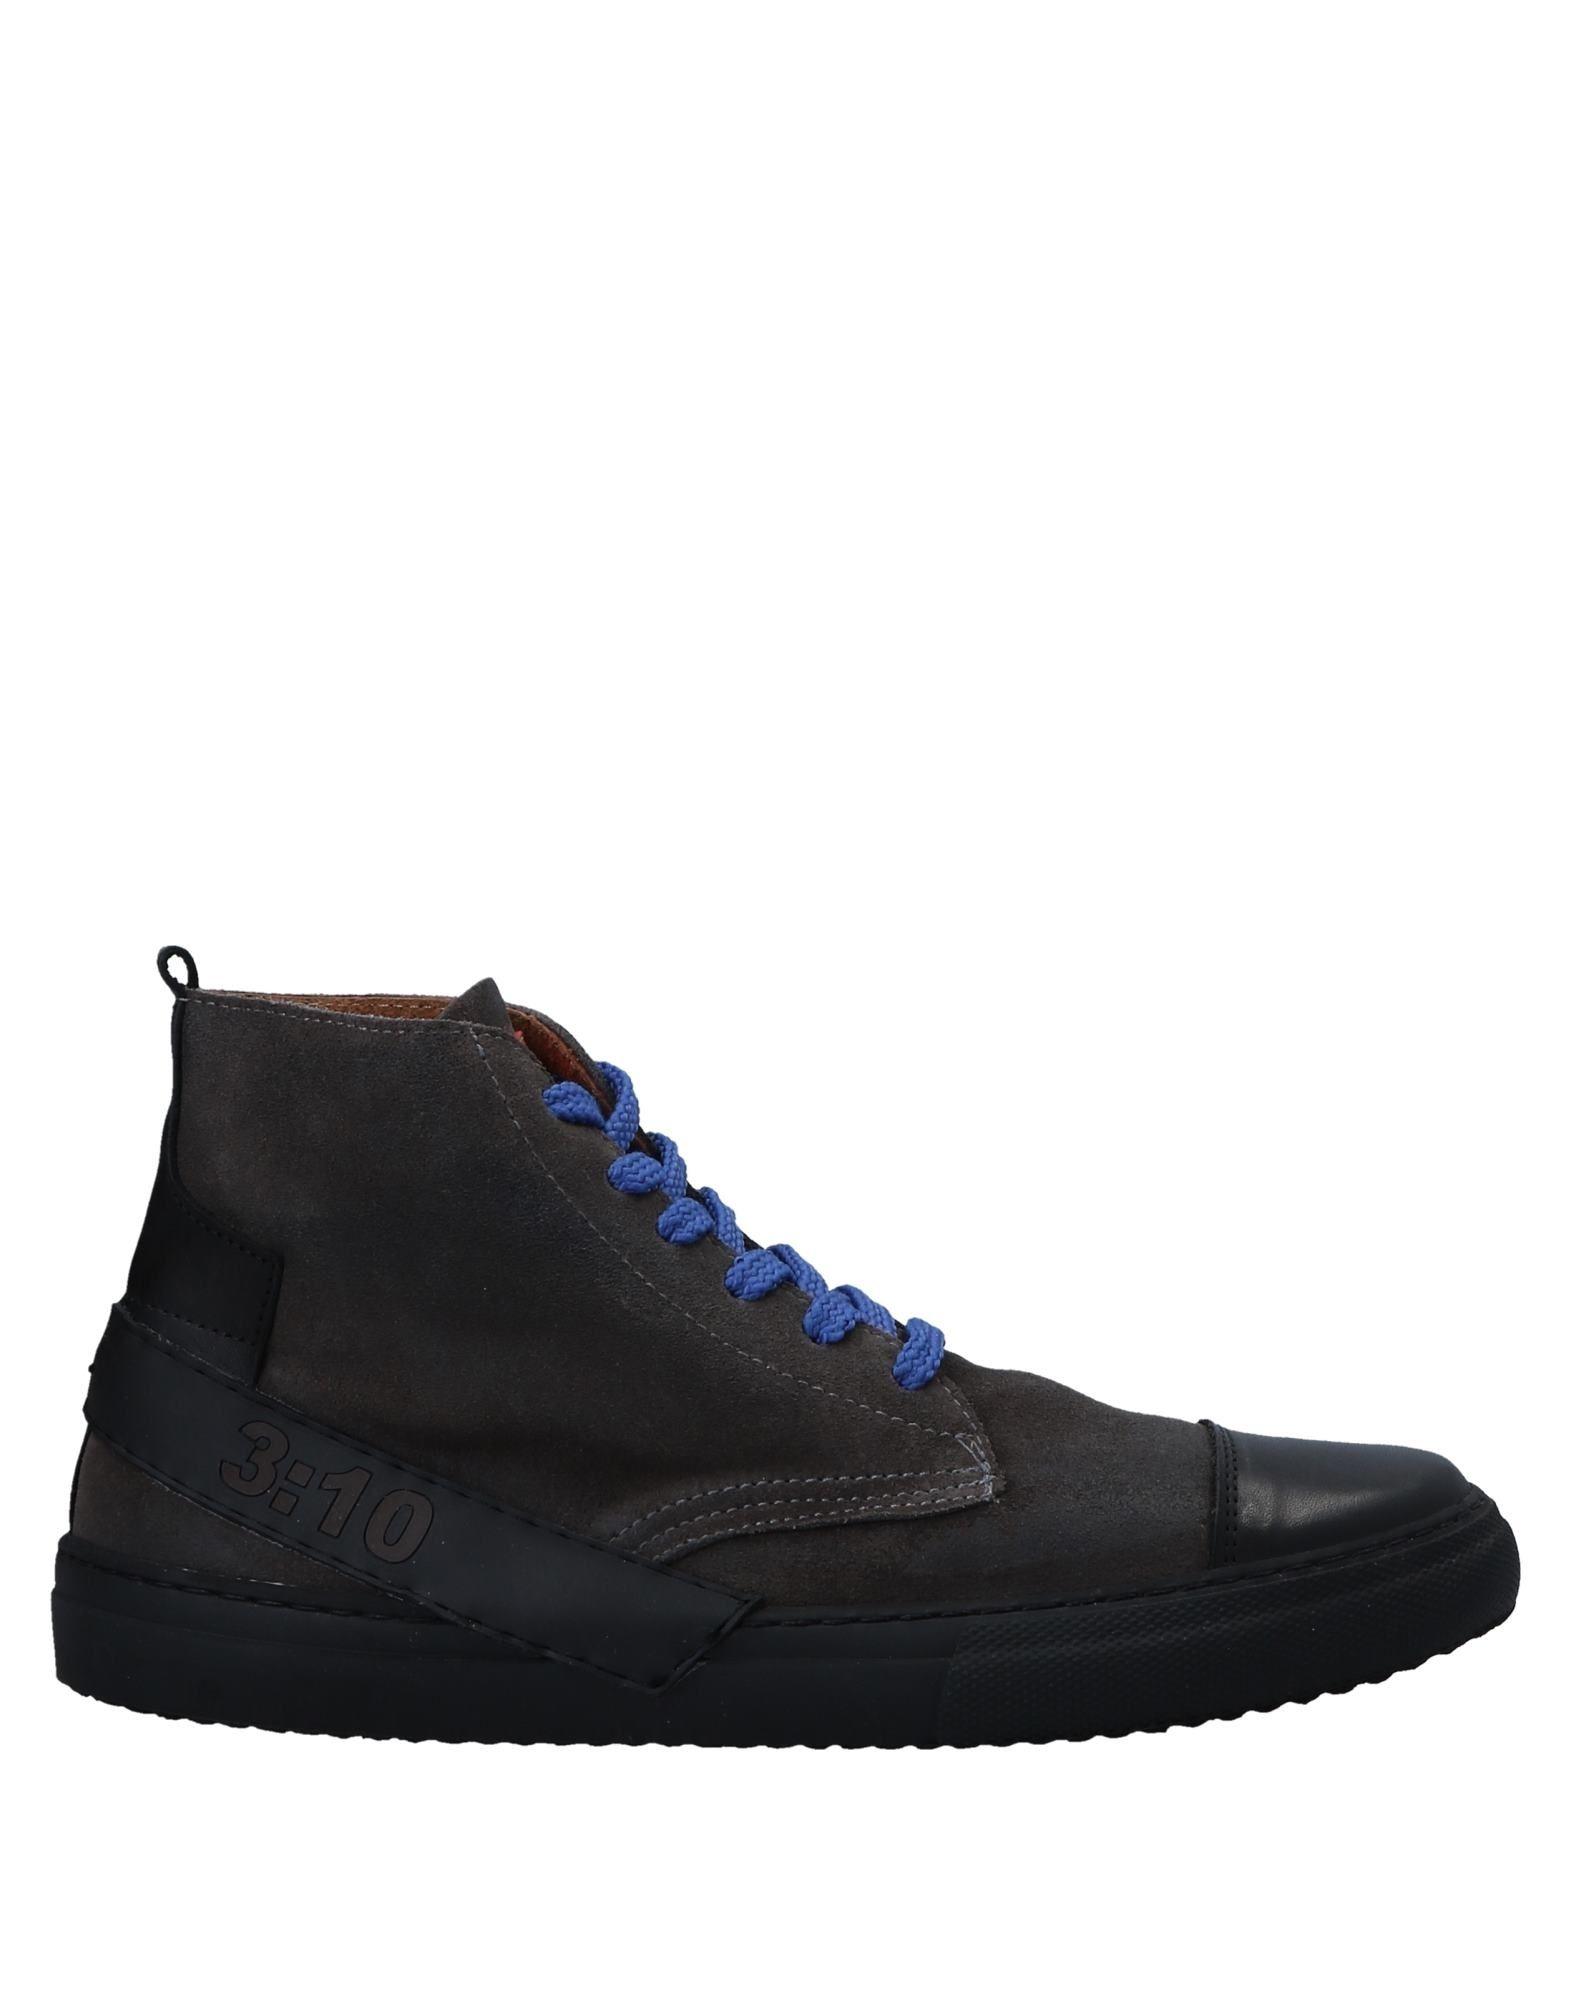 Rabatt echte Schuhe 3:10 Sneakers Herren  11557413QL